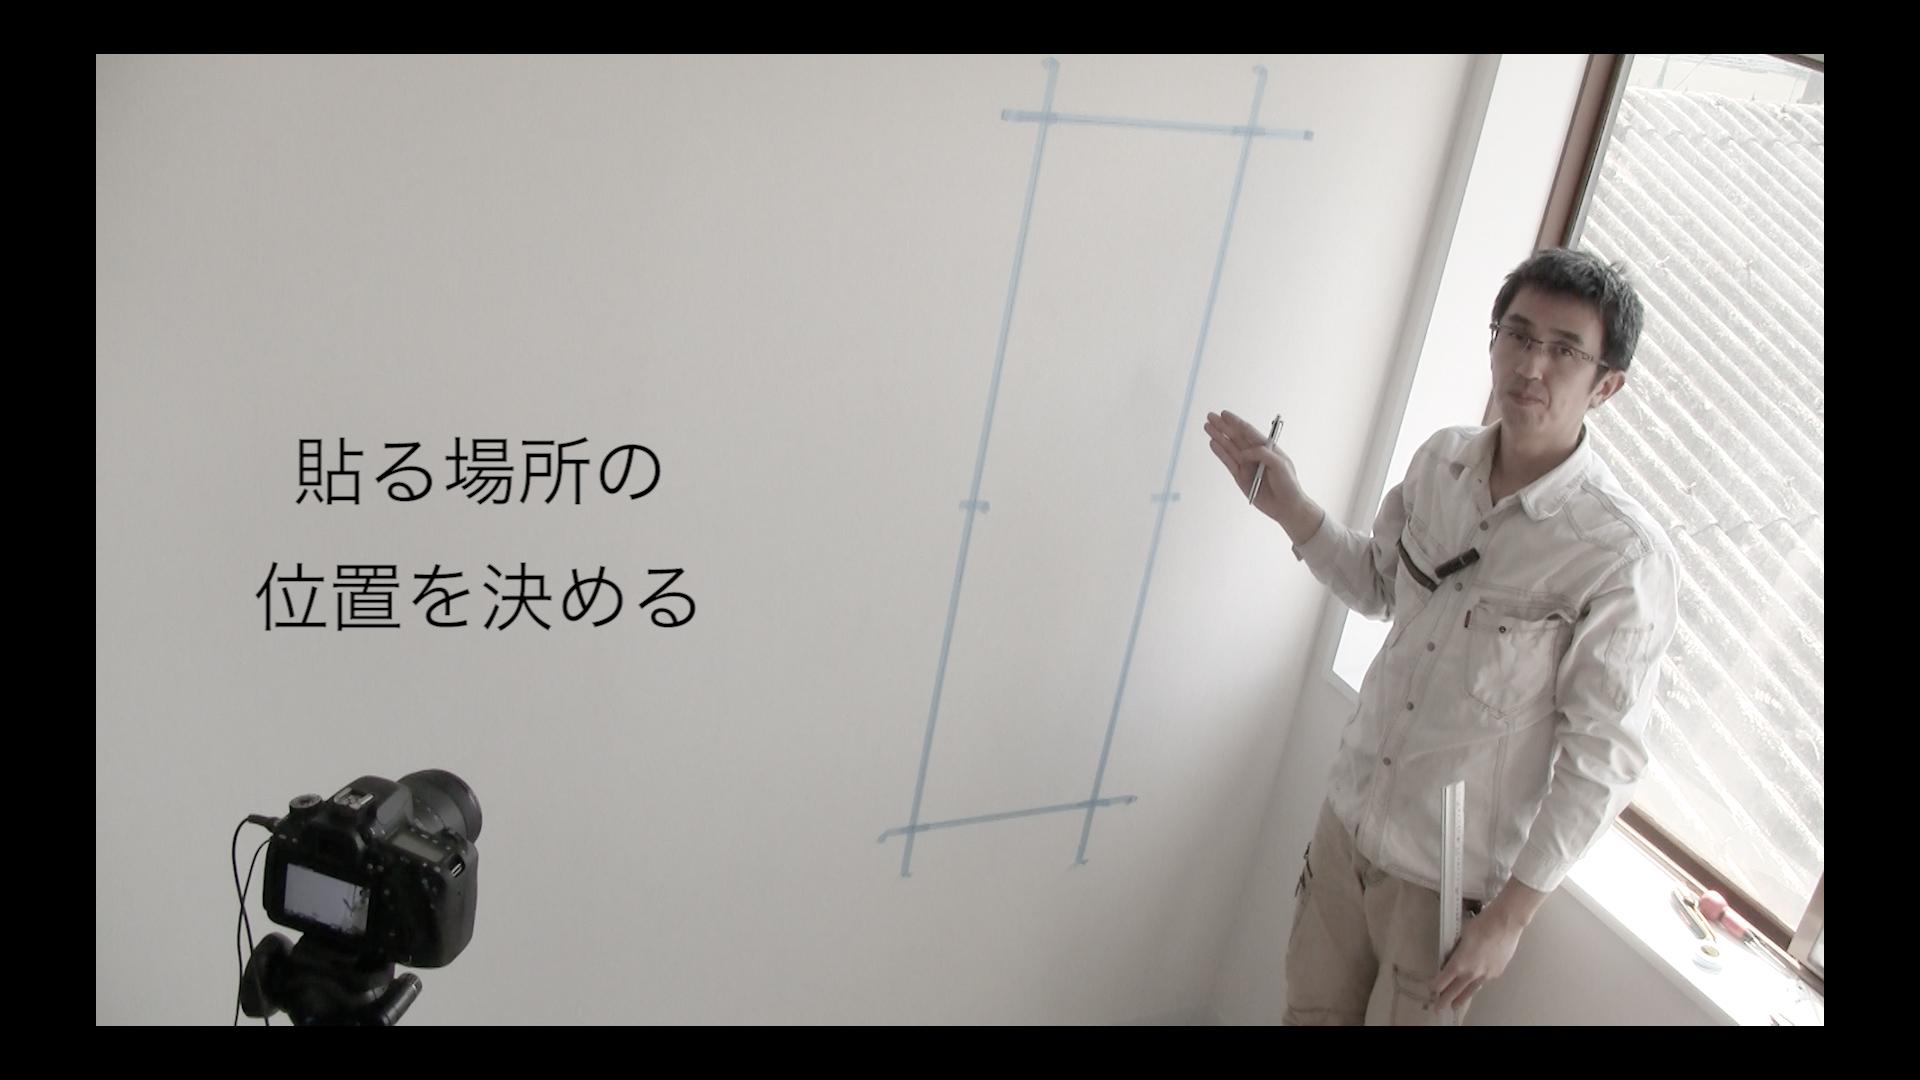 ミラーを貼る位置を決め、壁面に印をする